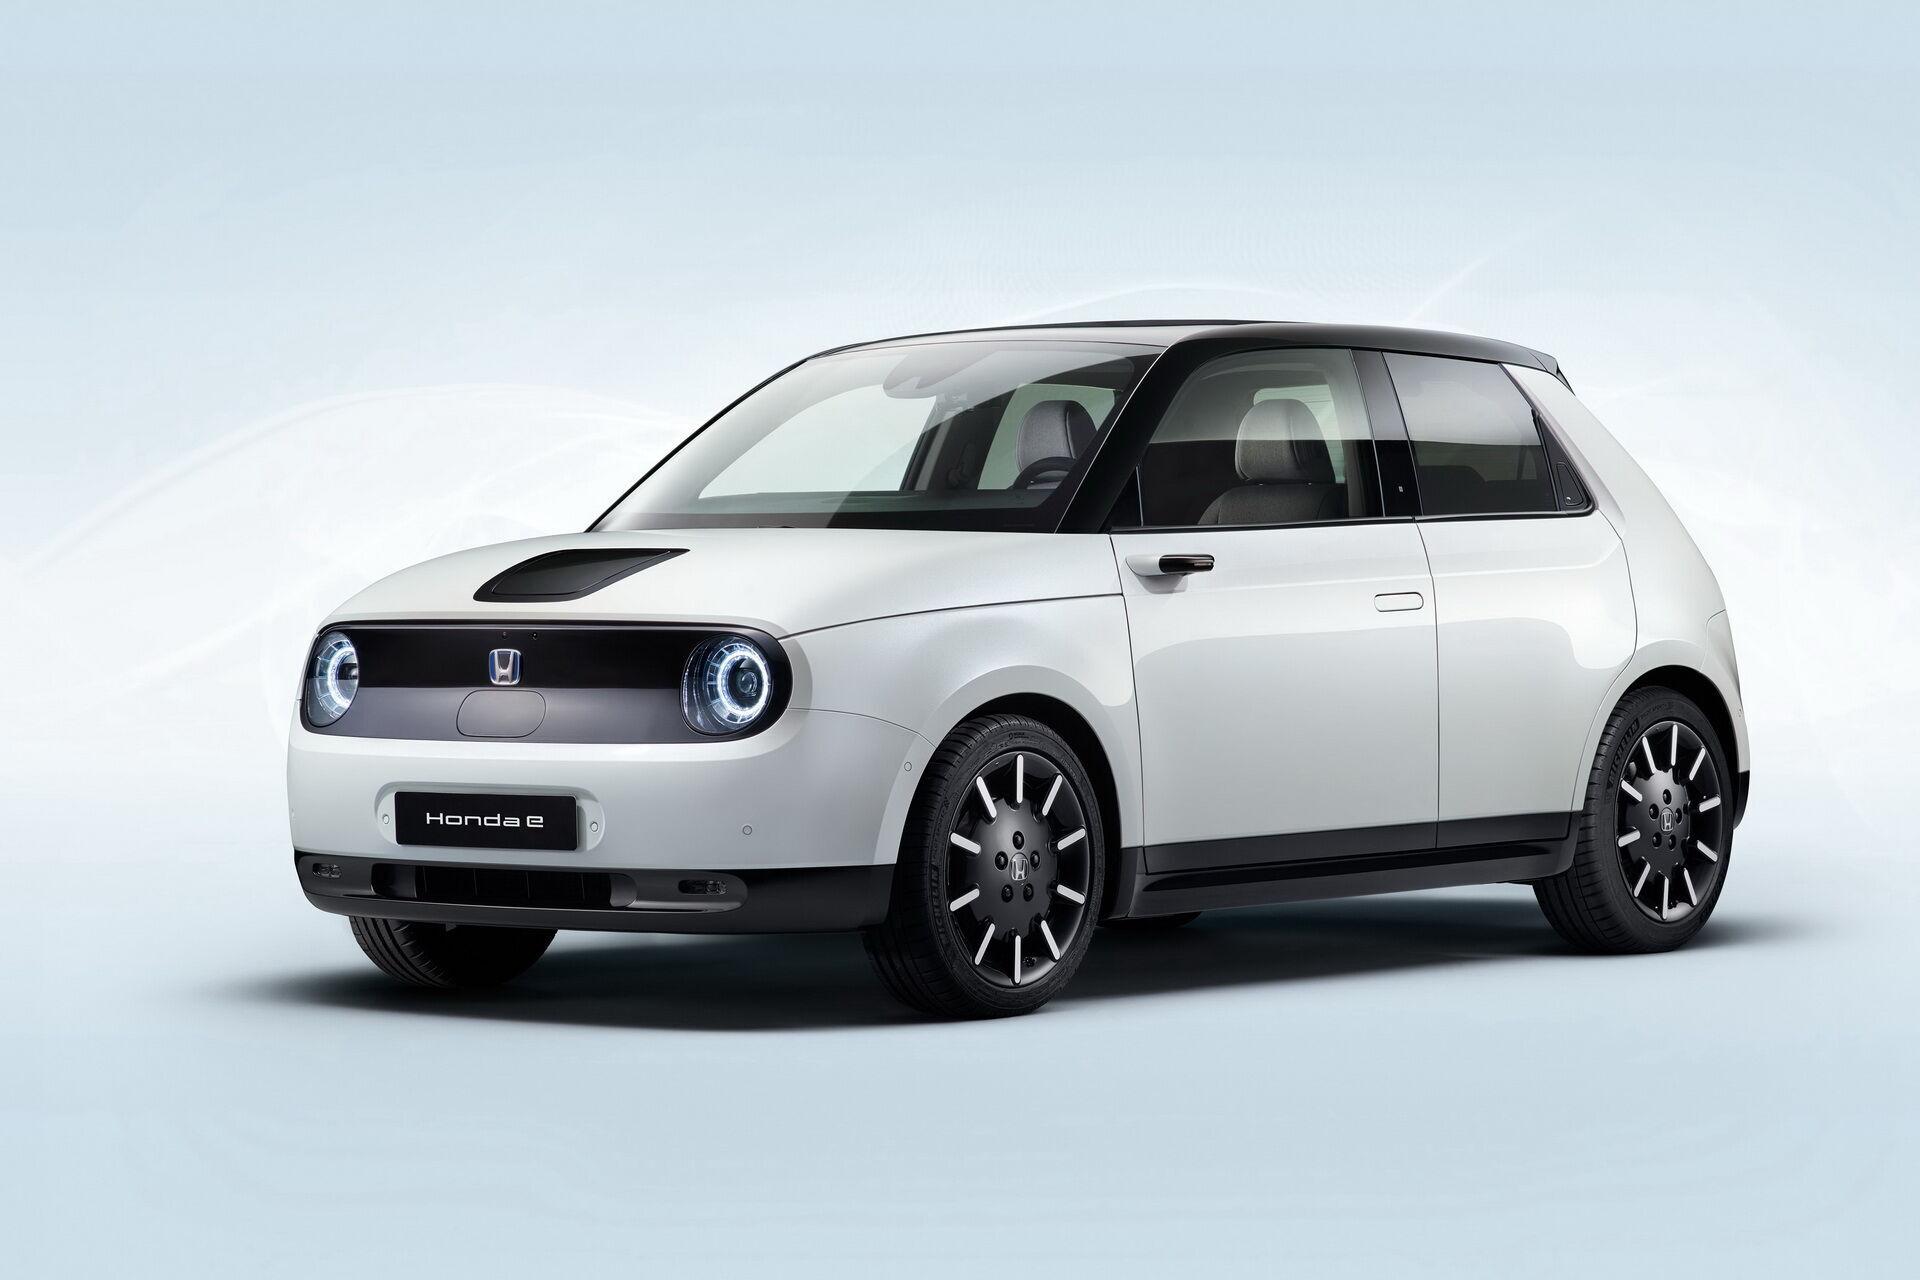 Приз за екологічність дістався японському електрокару Honda e.